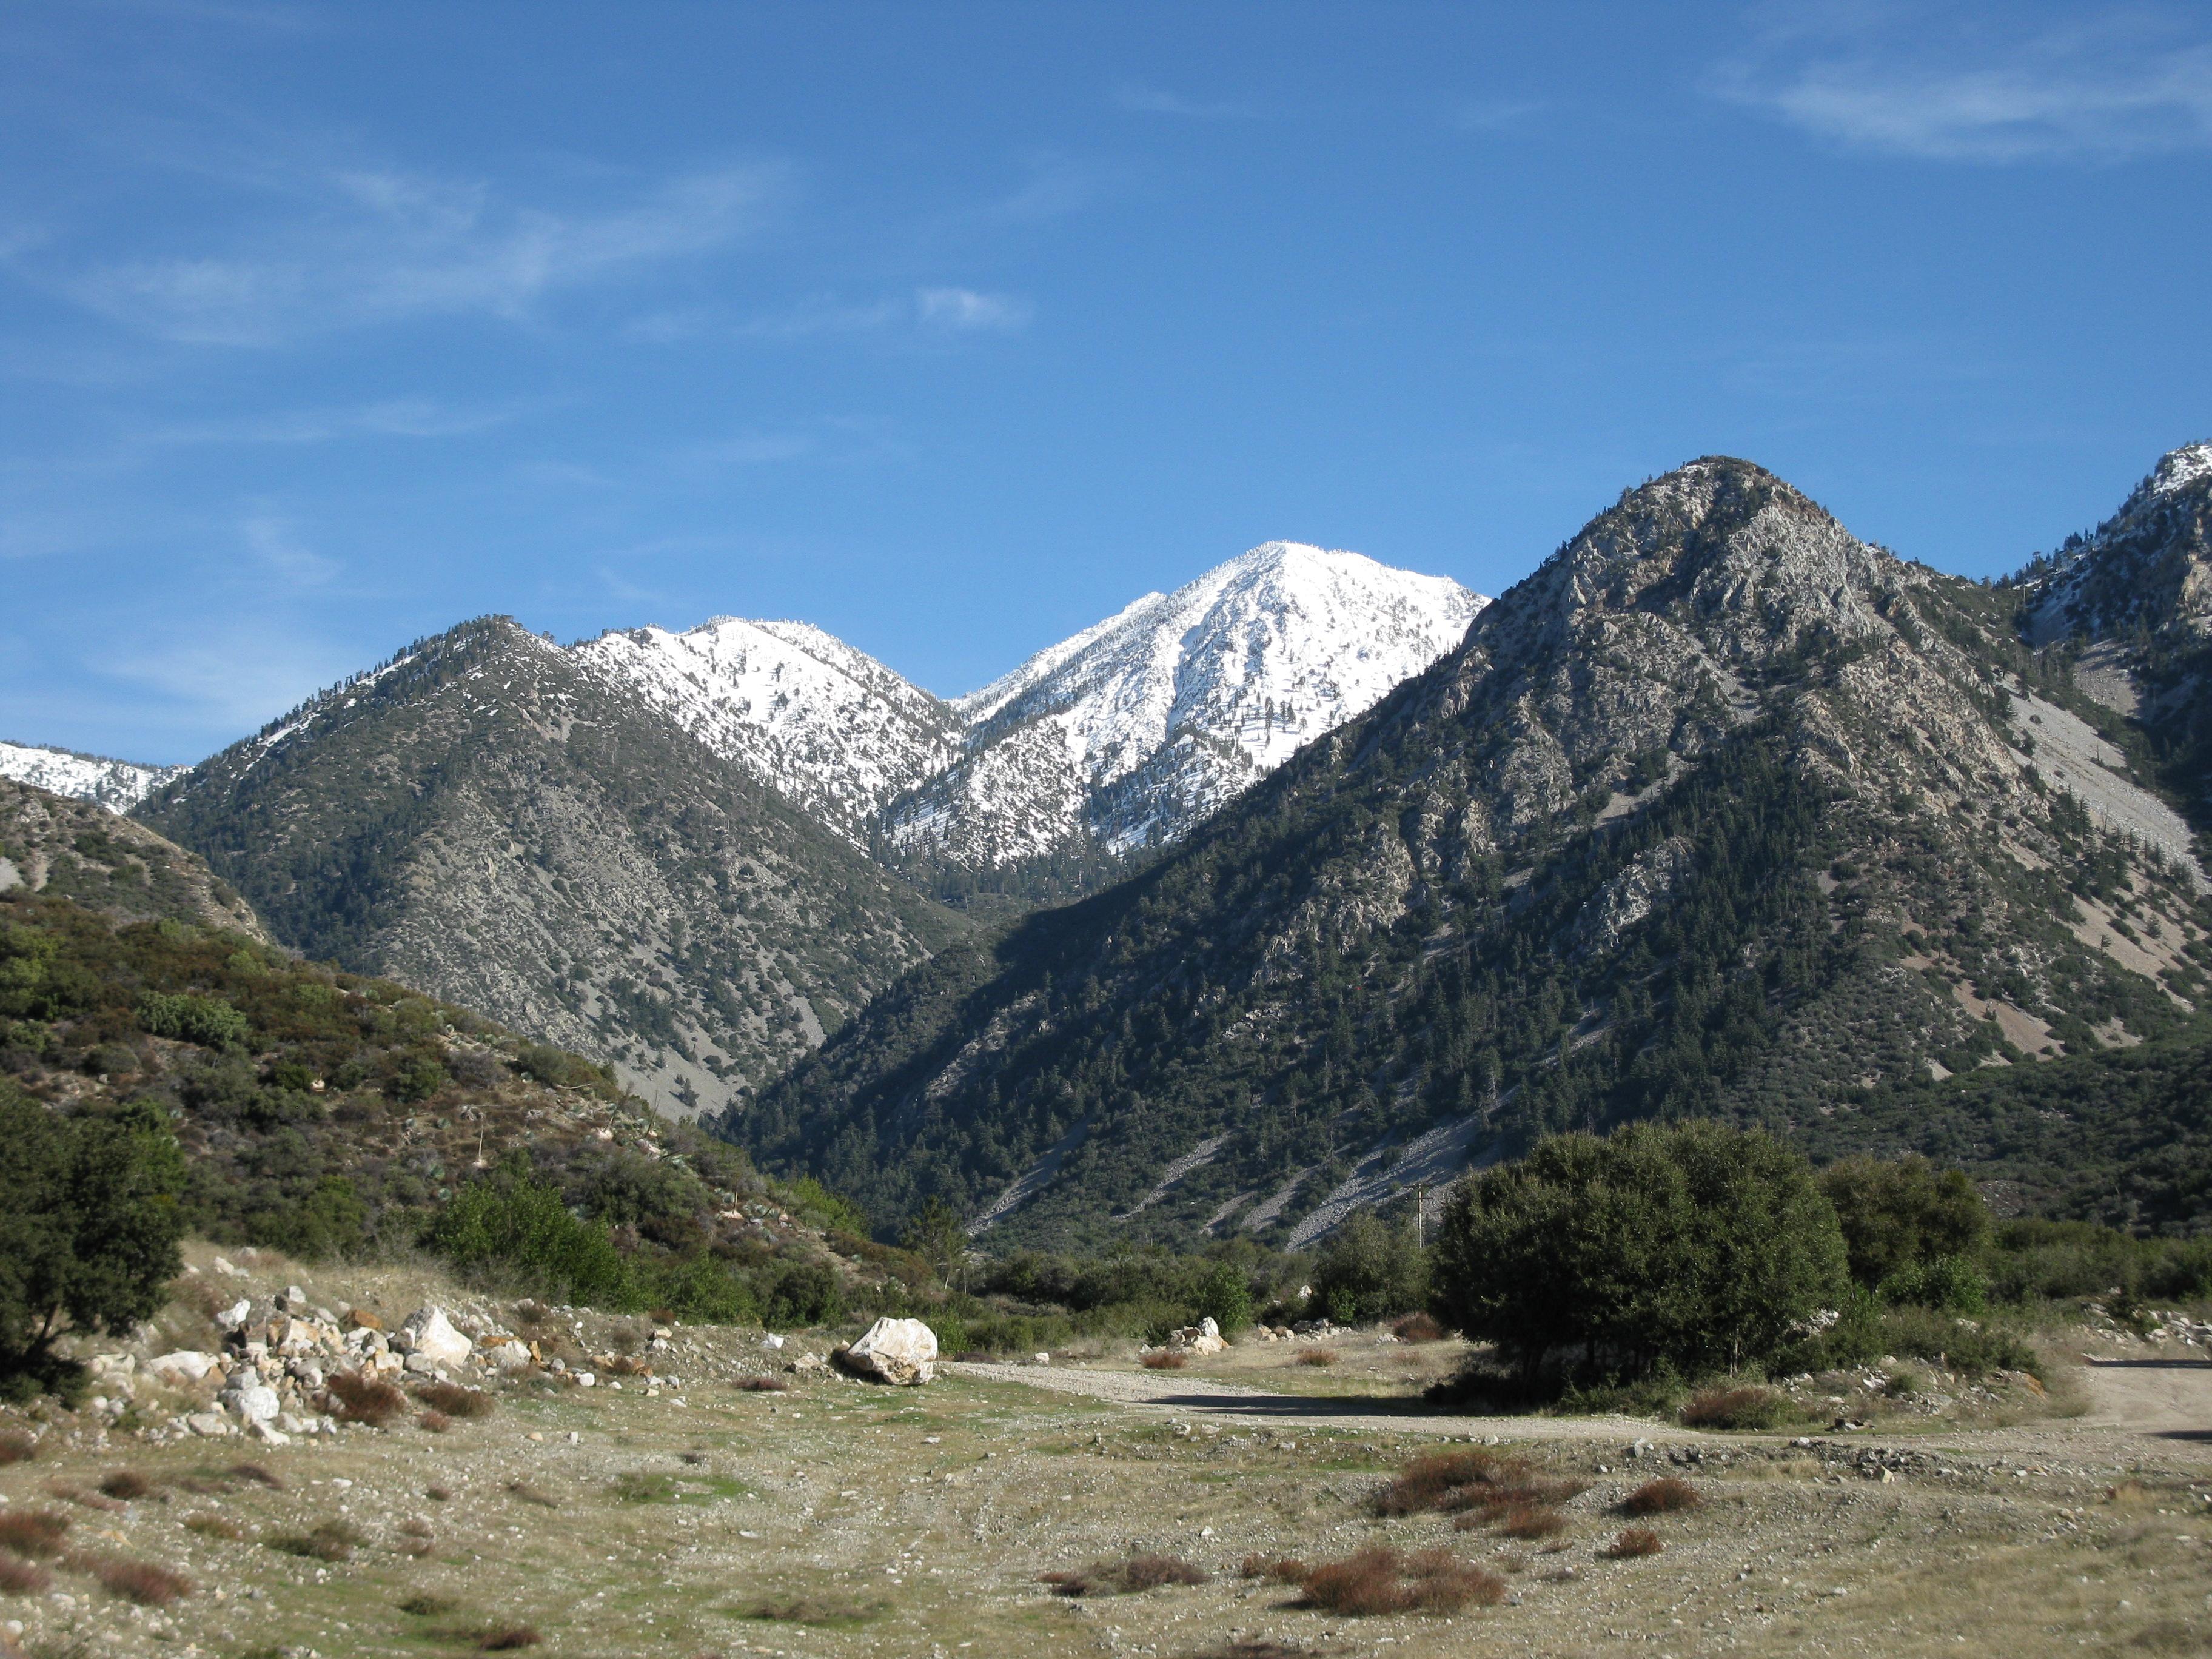 San Gabriel Mountains >> جبال سان غابرييل | المرسال